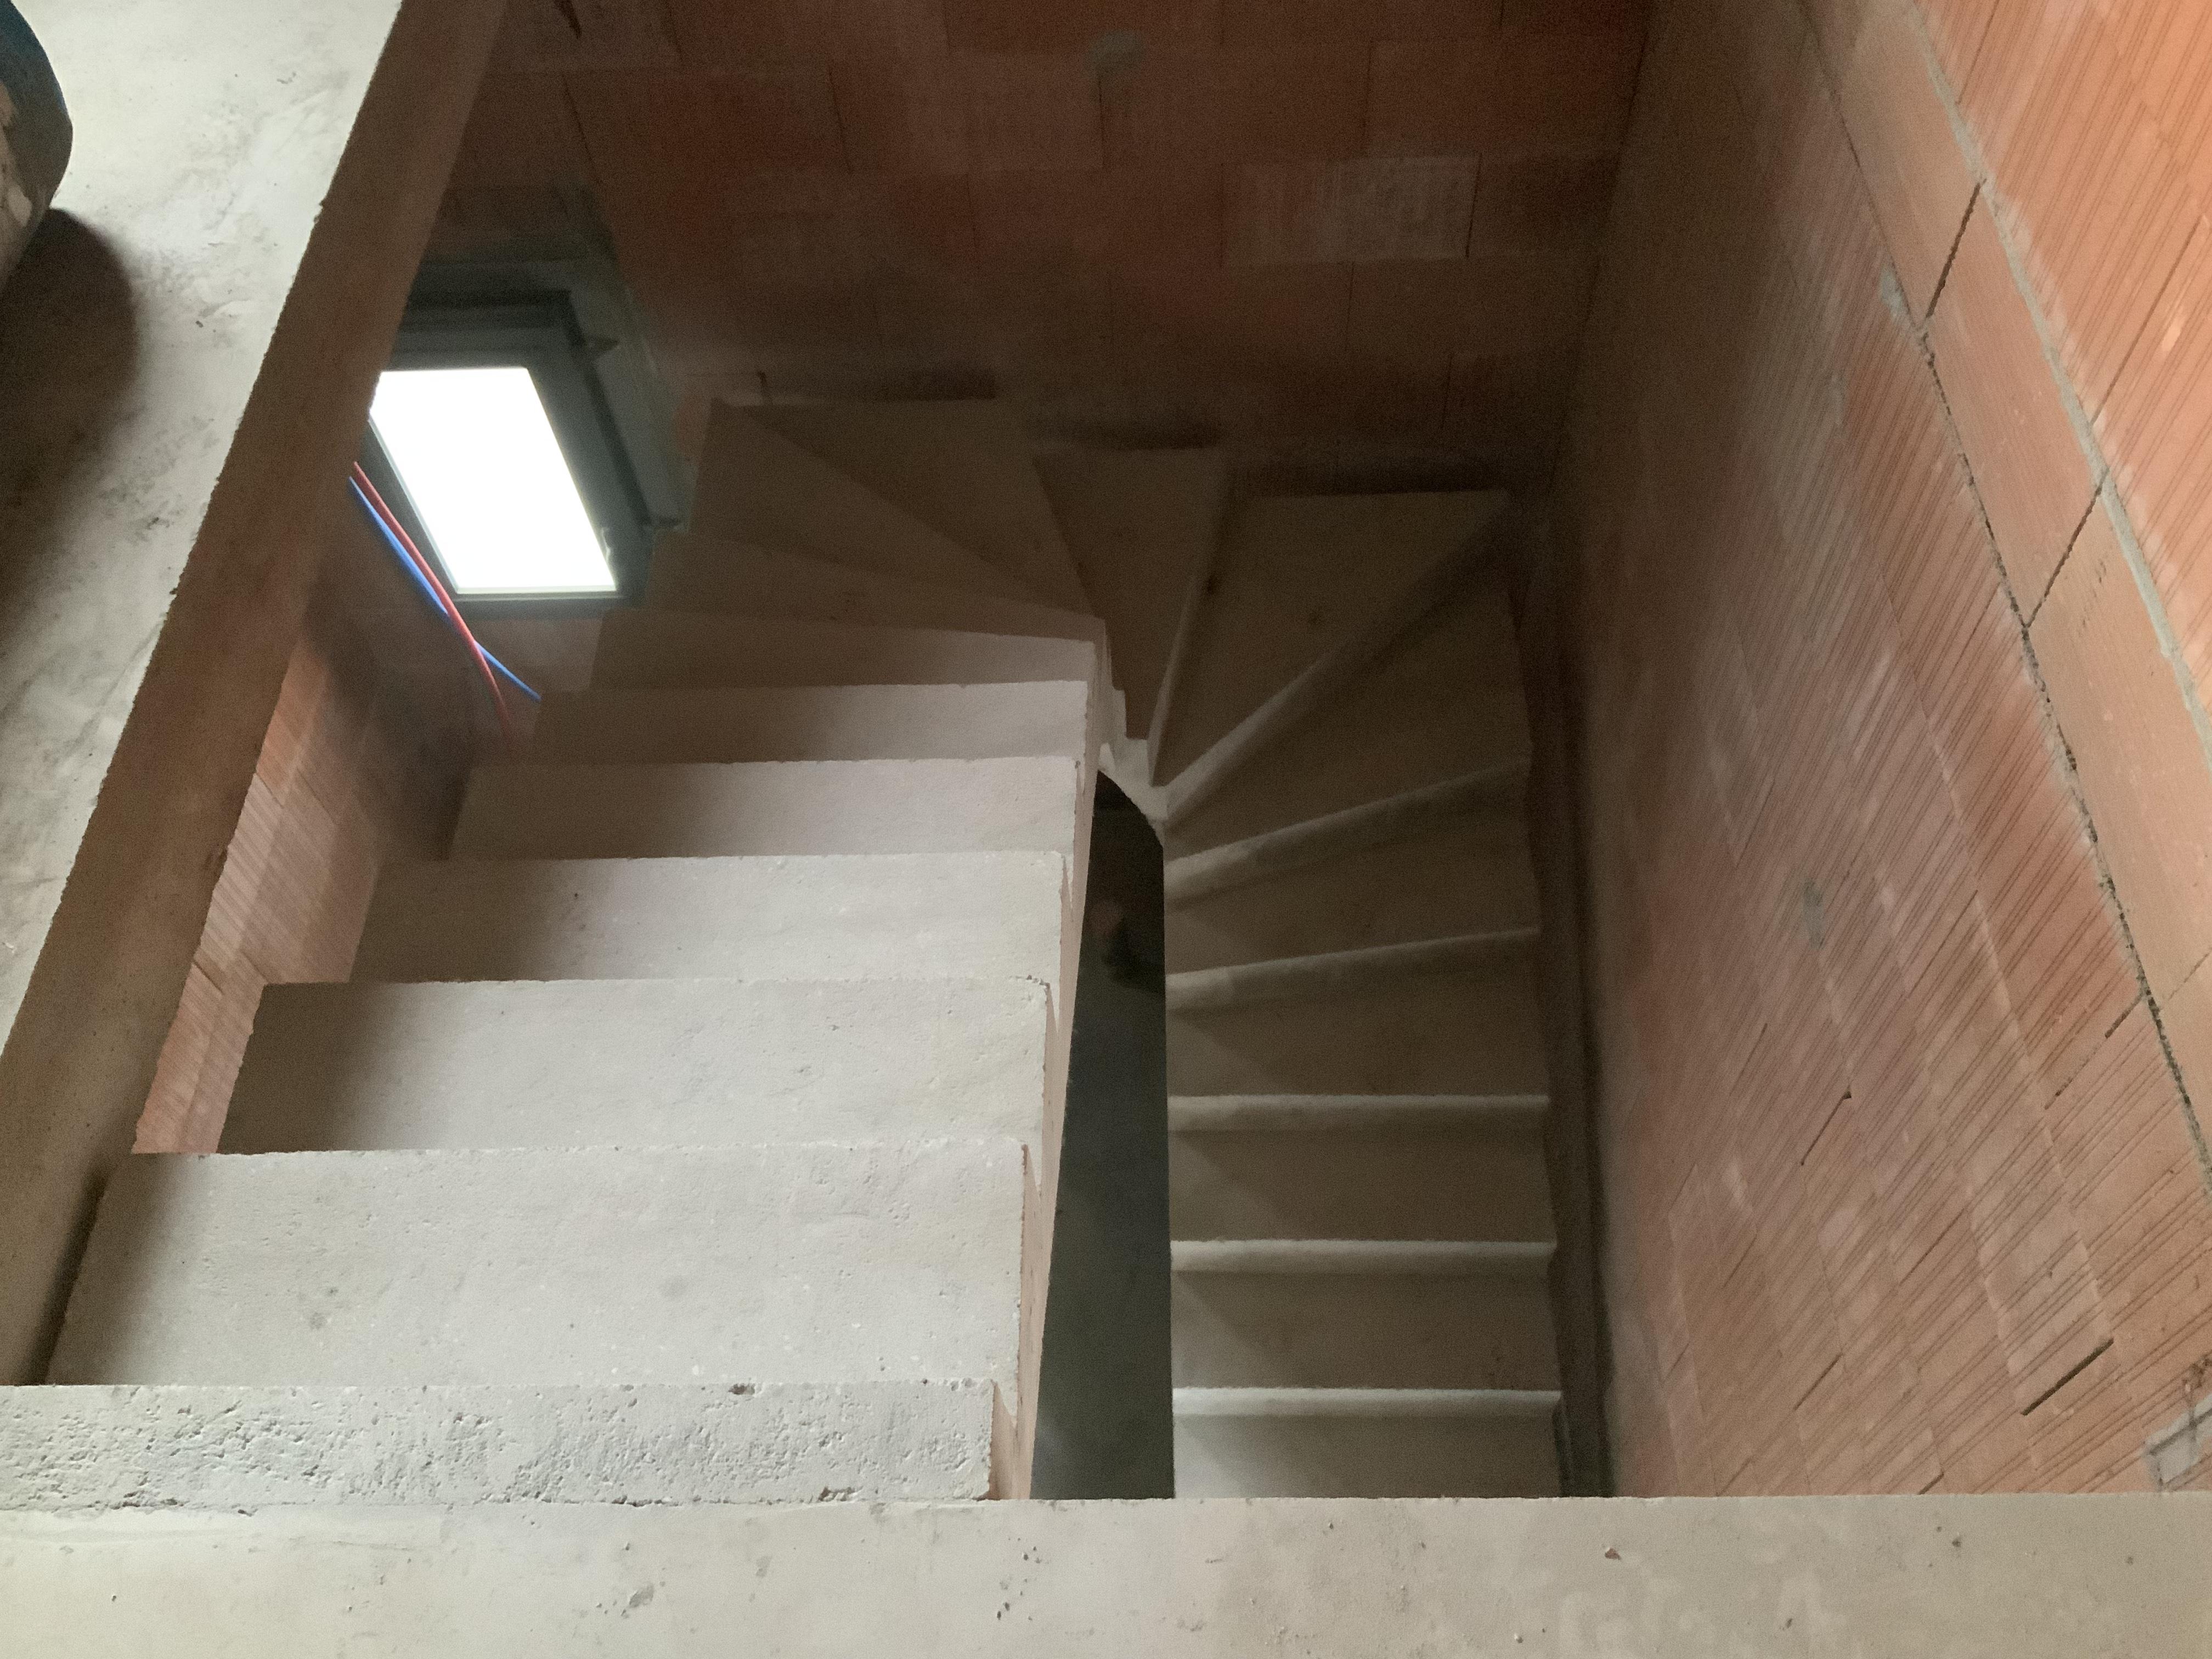 Dessus de marches d'un escalier